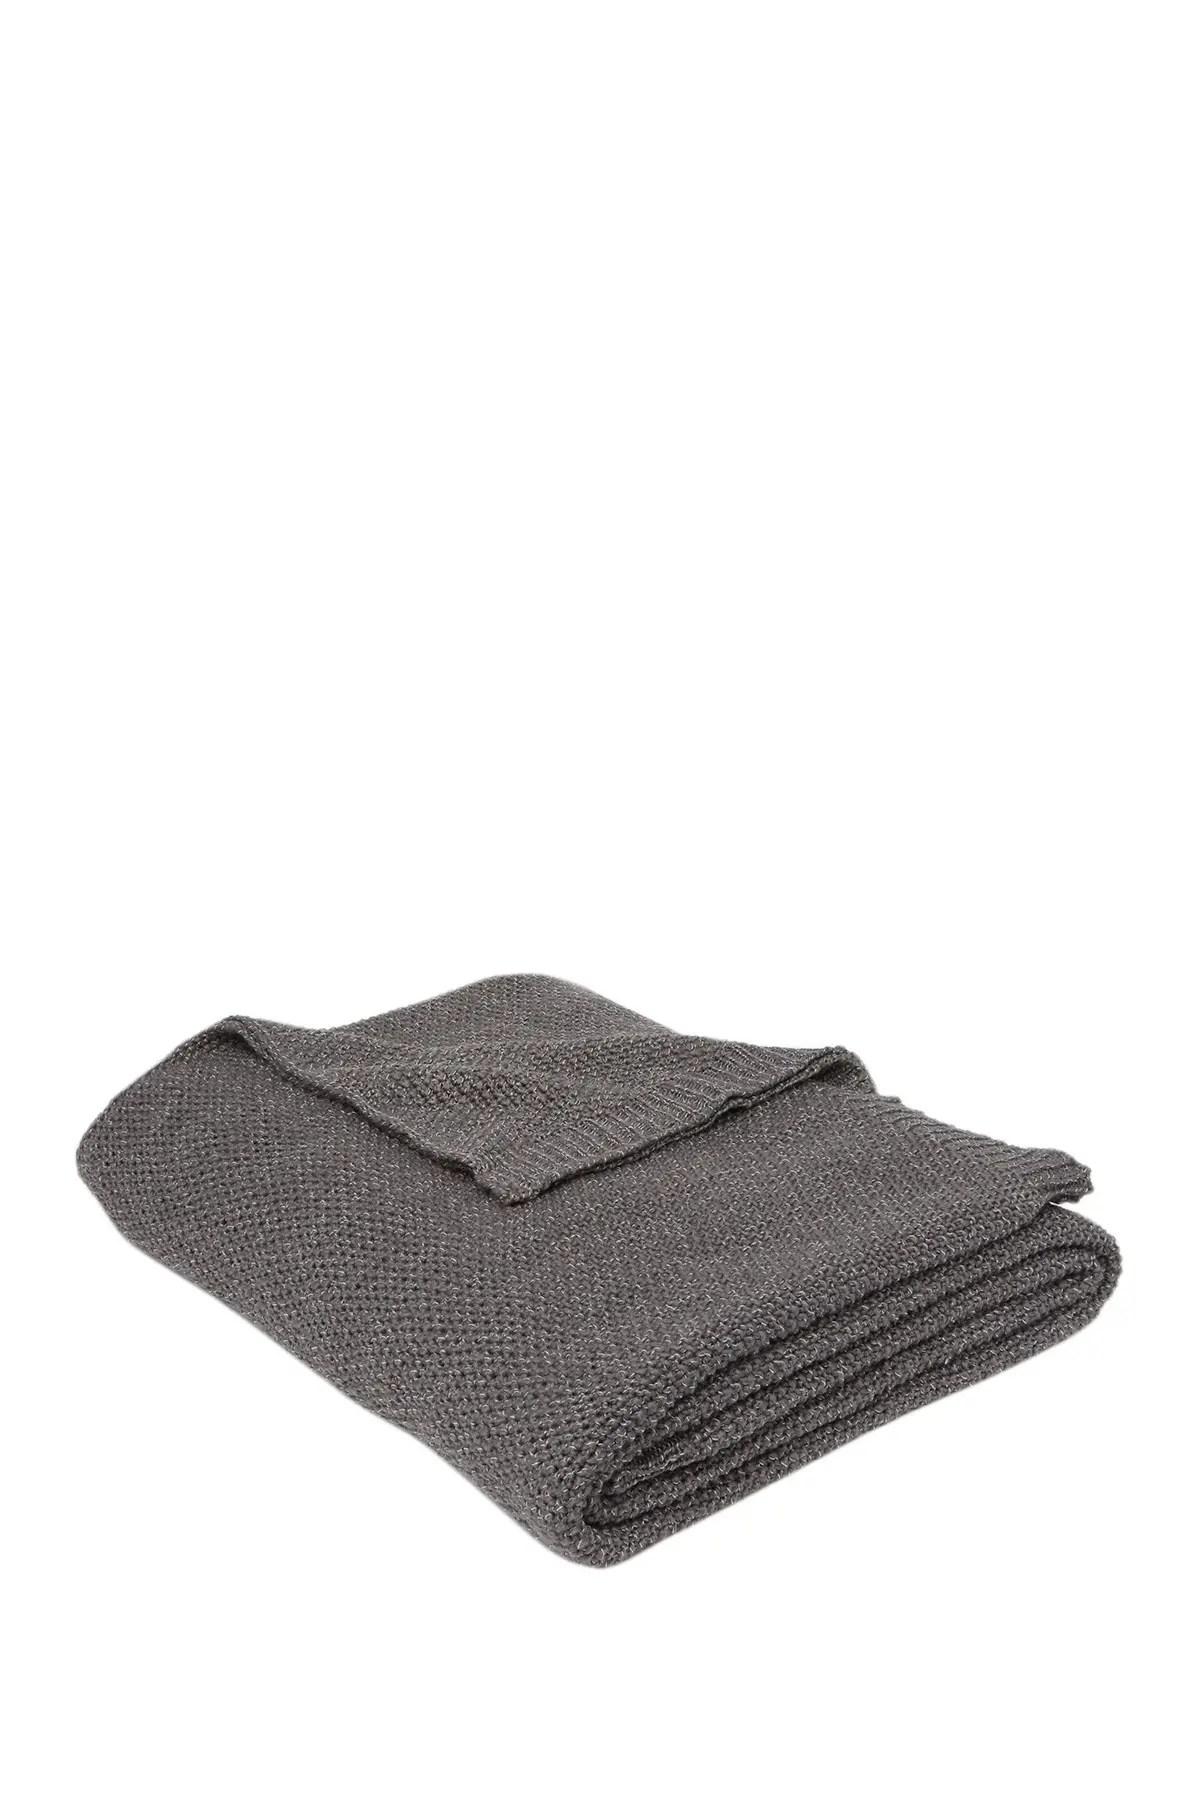 nordstrom rack knit marled blanket queen nordstrom rack